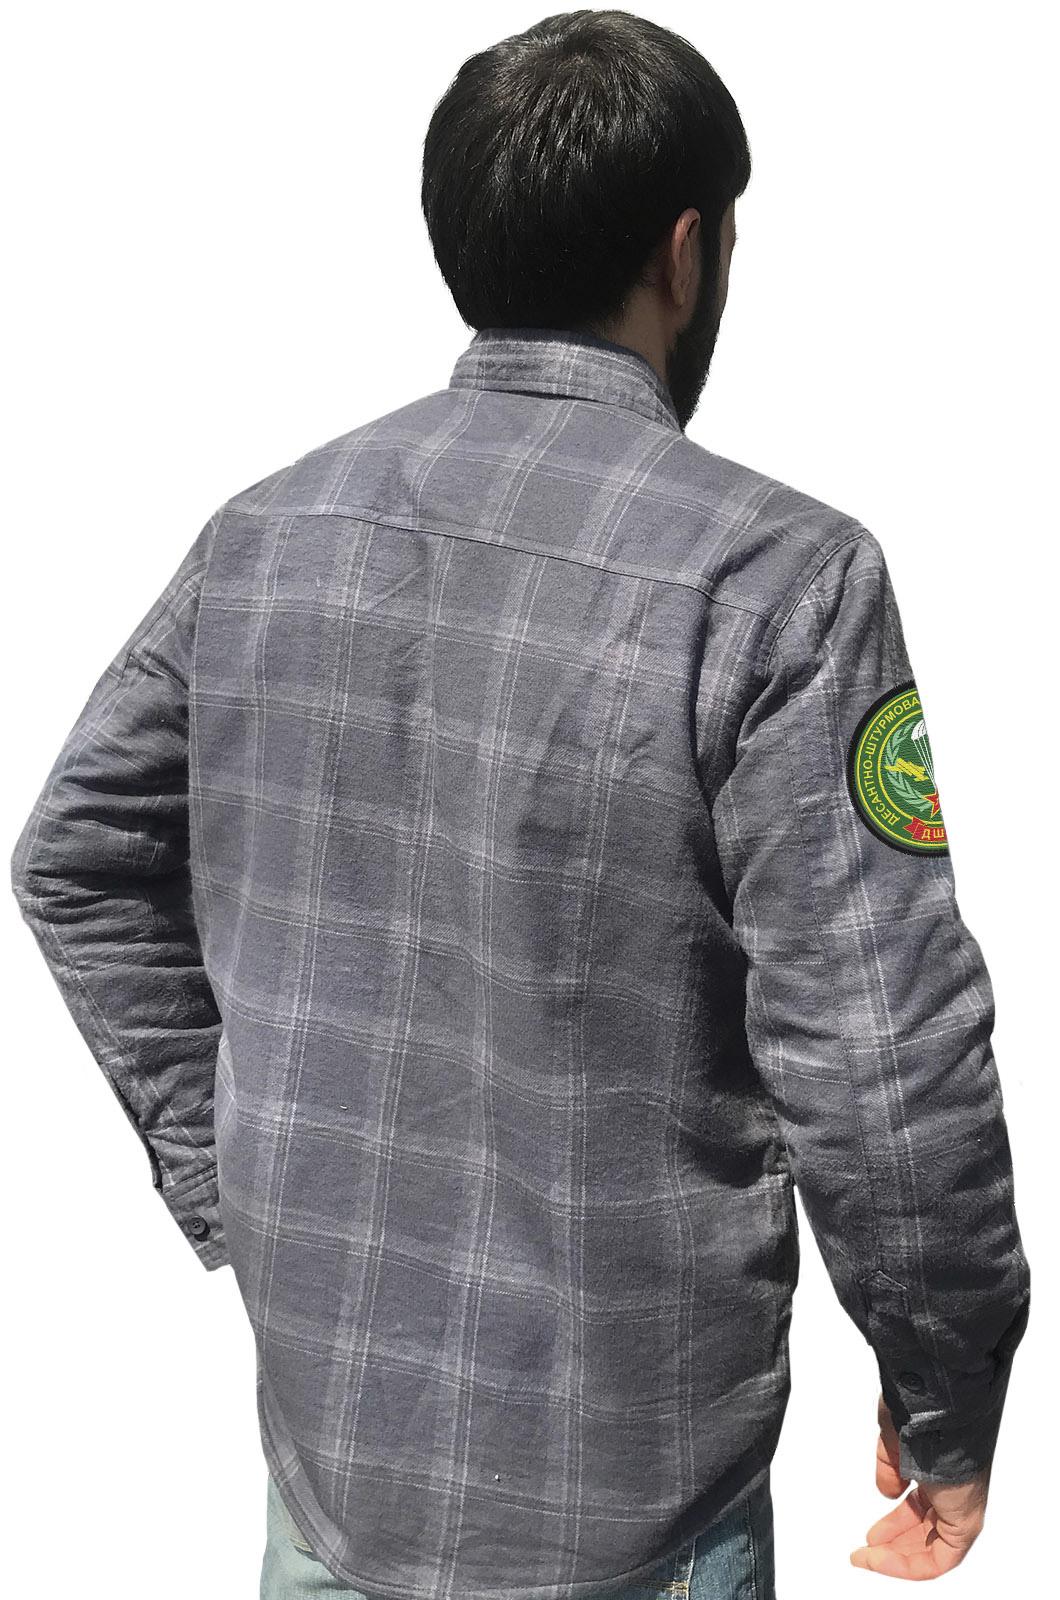 Мужская рубашка с шевроном ДШМГ заказать в подарок